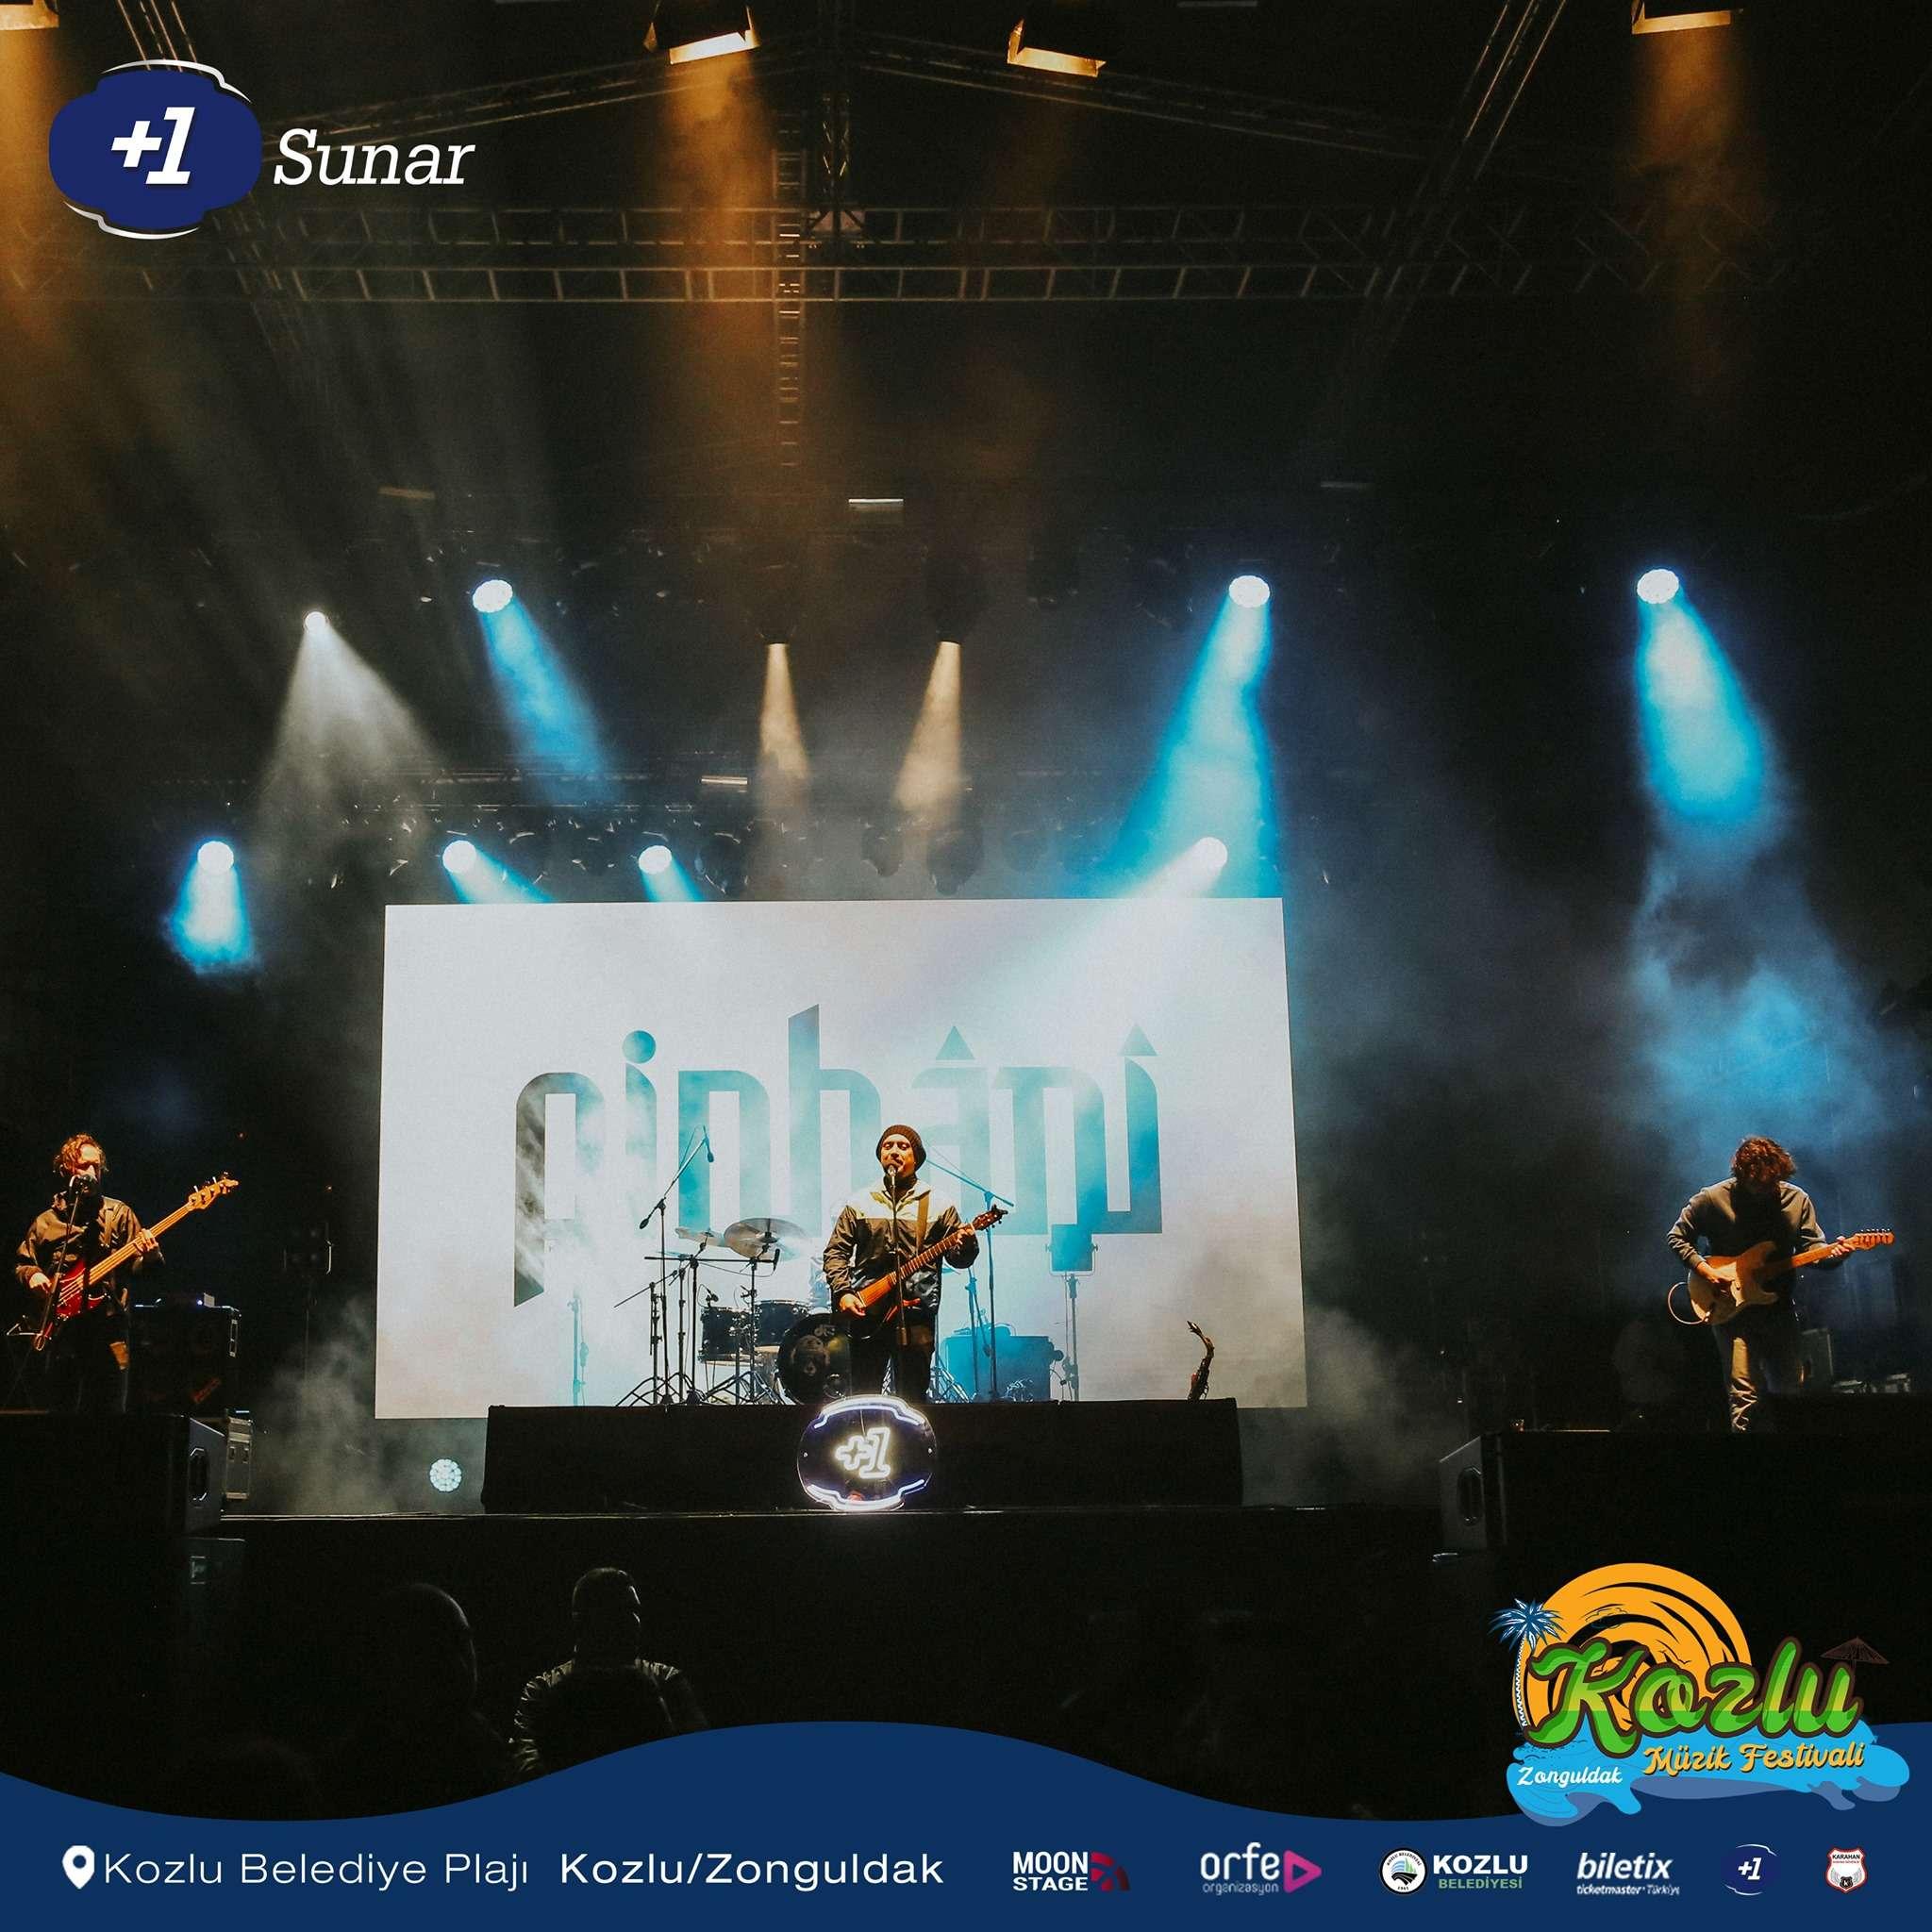 kozlu-muzik-festivali-2075